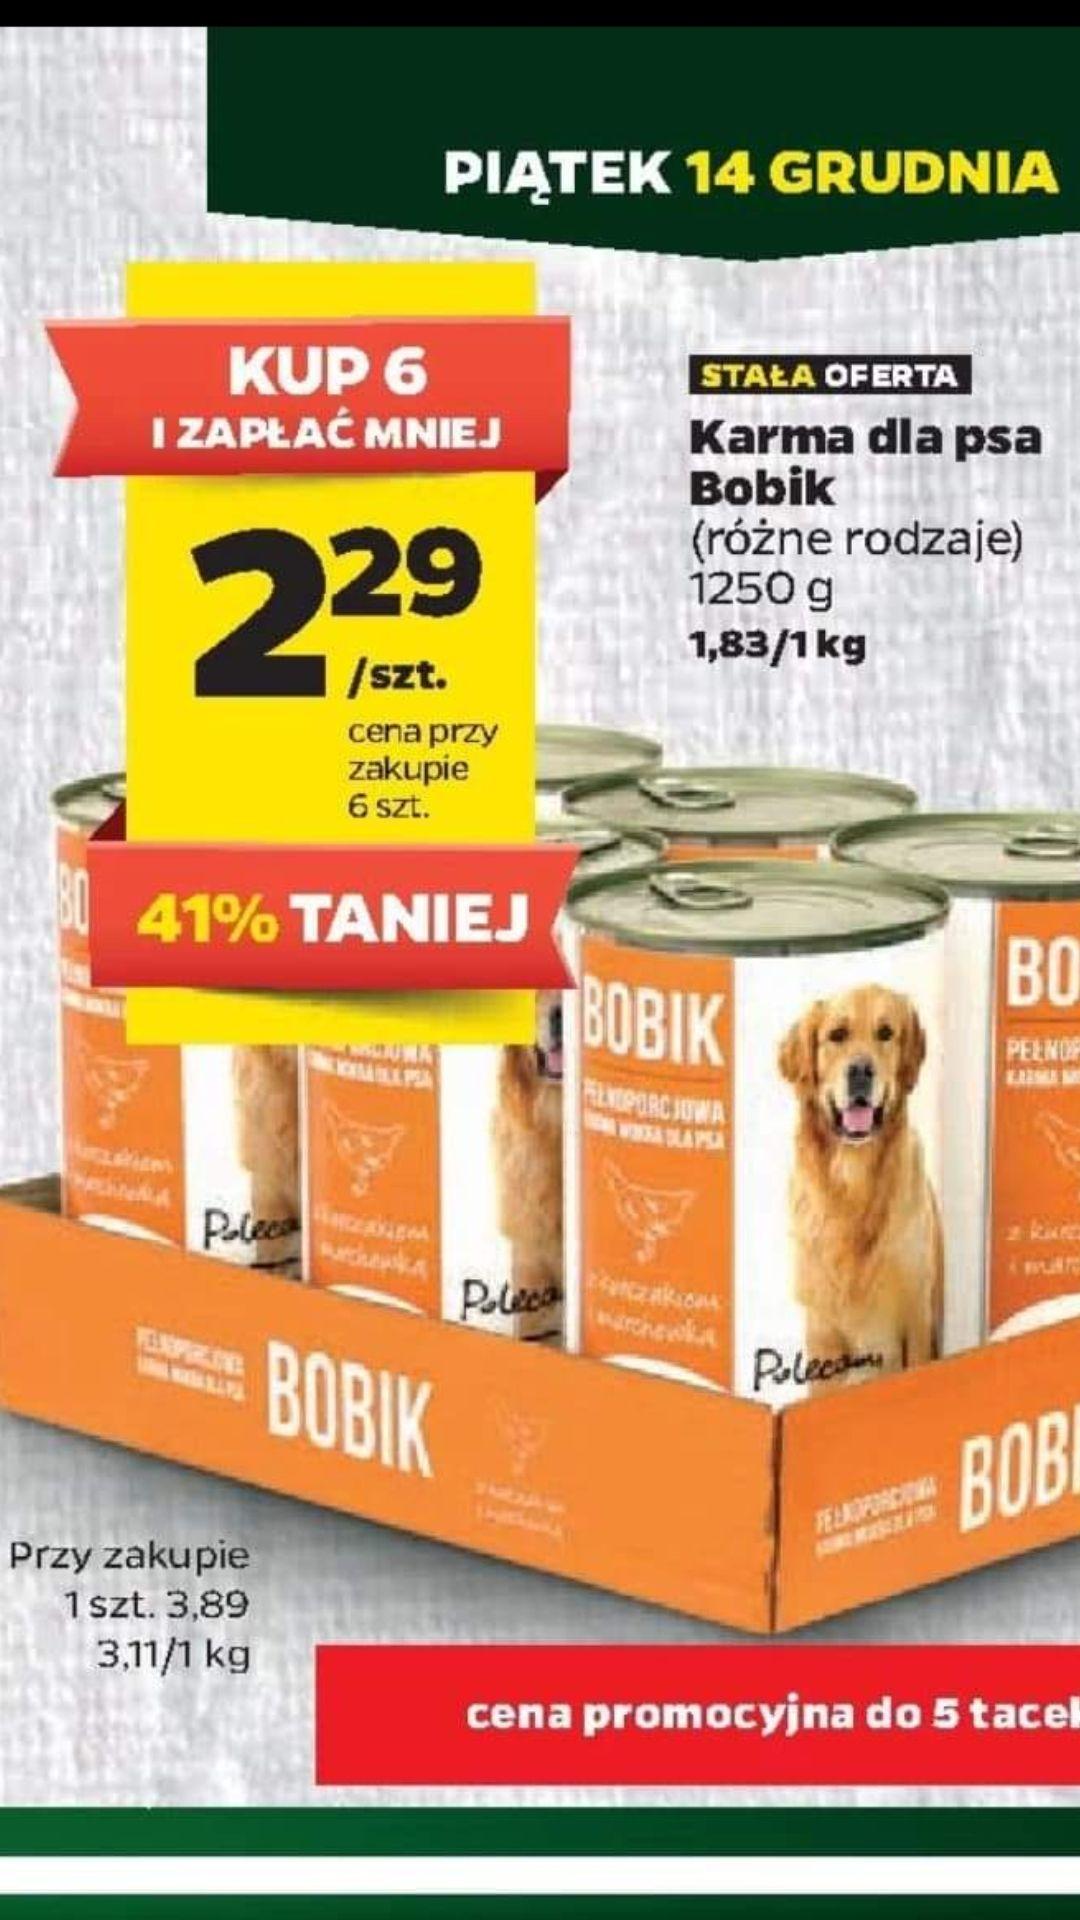 NETTO Karma dla psa - Bobik